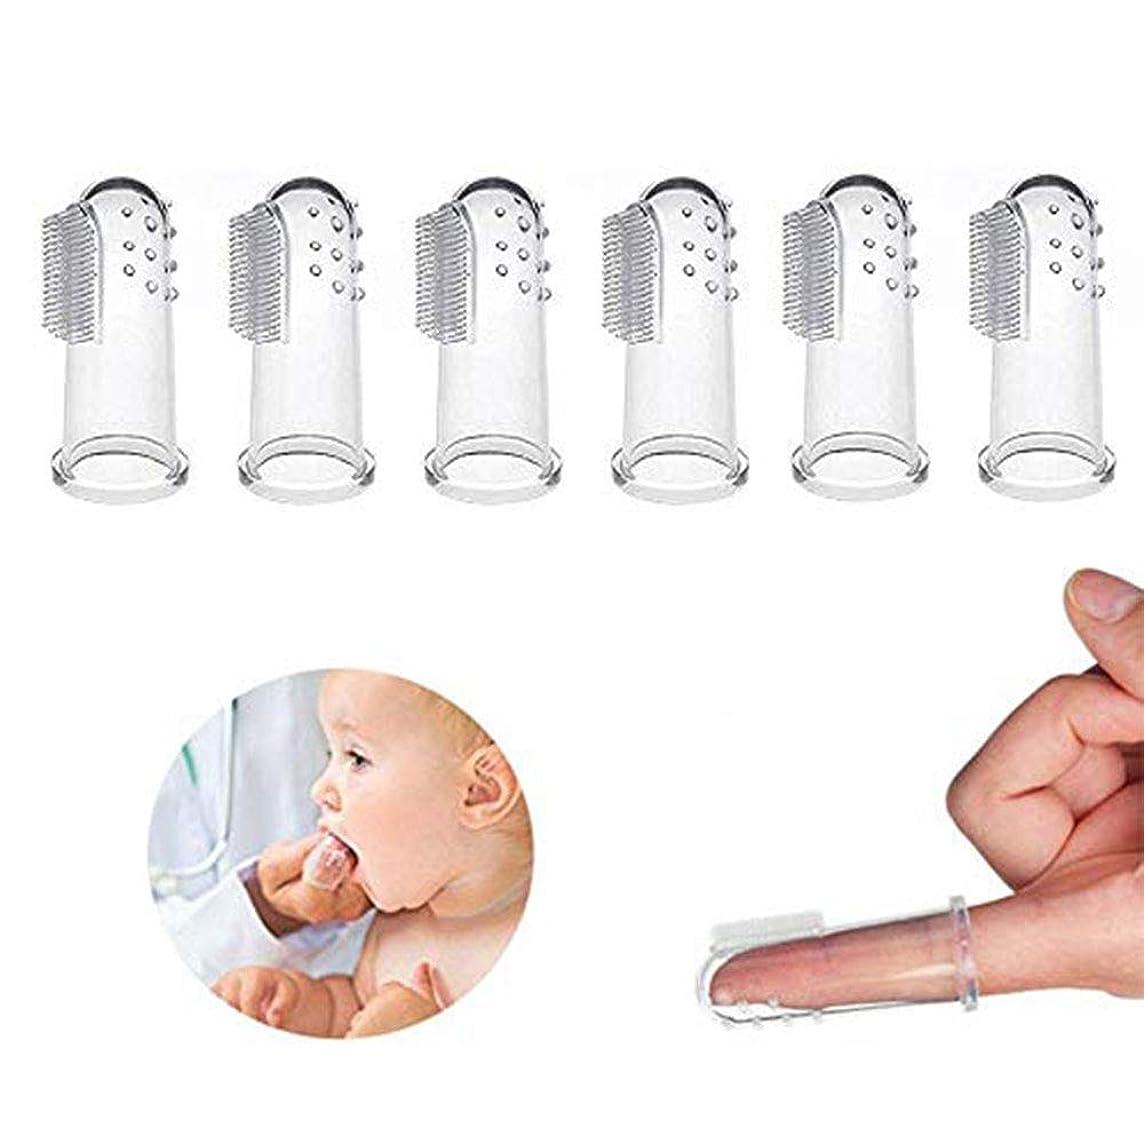 はっきりしない練習食堂幼児歯ブラシ ベビー指歯ブラシ 指歯ブラシ 乳歯清潔 口腔ケア ケース付き ベビーフィンガーブラ 乳児幼児子供用シリコーンソフトオーラルマッサージャージェントルケア 6本セット (ホワイト)